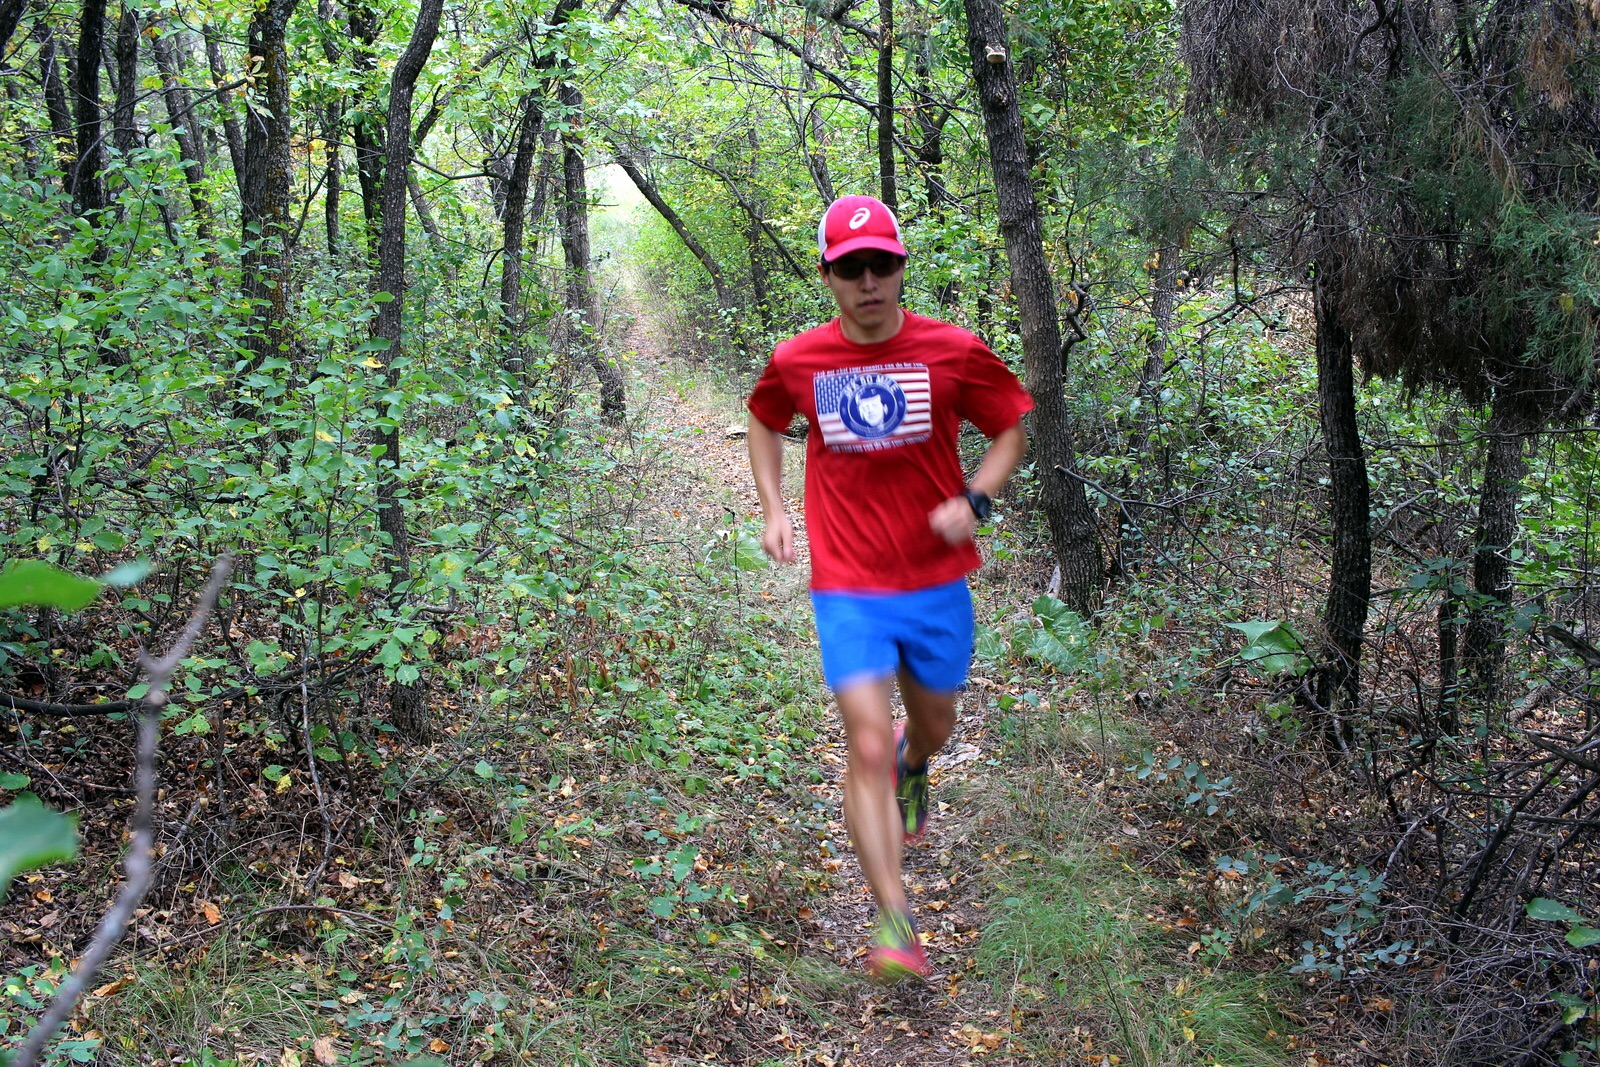 Running through the woods.